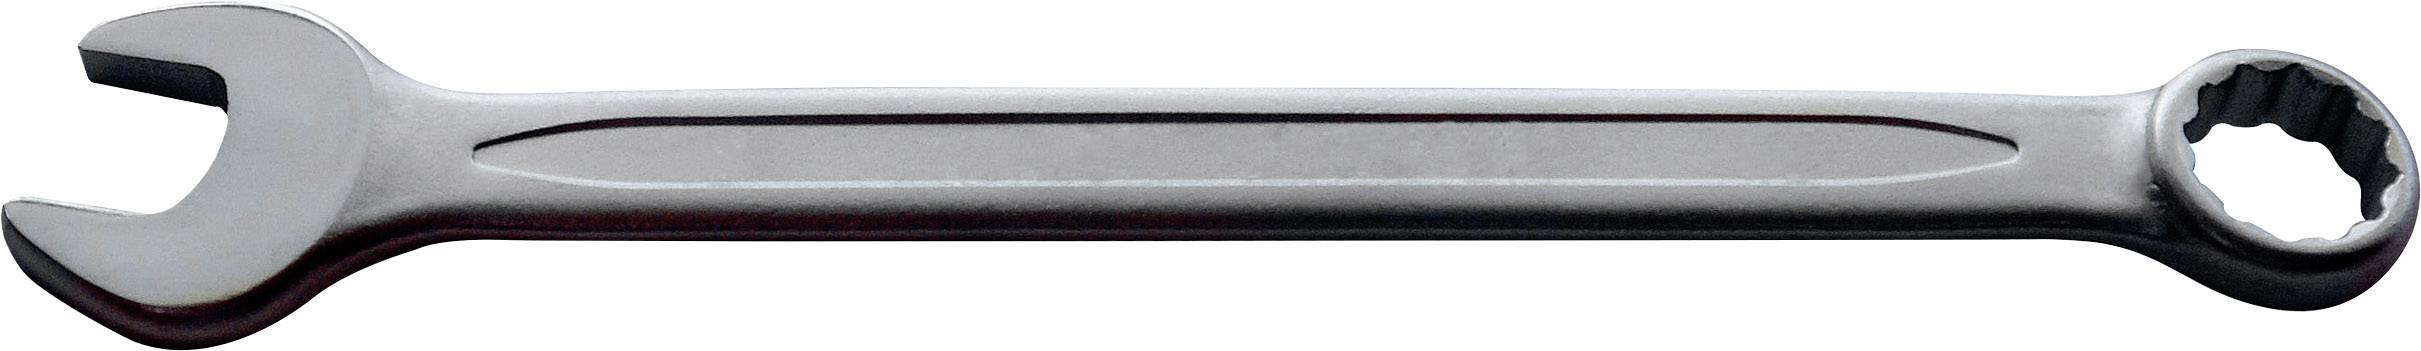 Očkoplochý klíč TOOLCRAFT 820839, DIN 3113 Form A, 19 mm